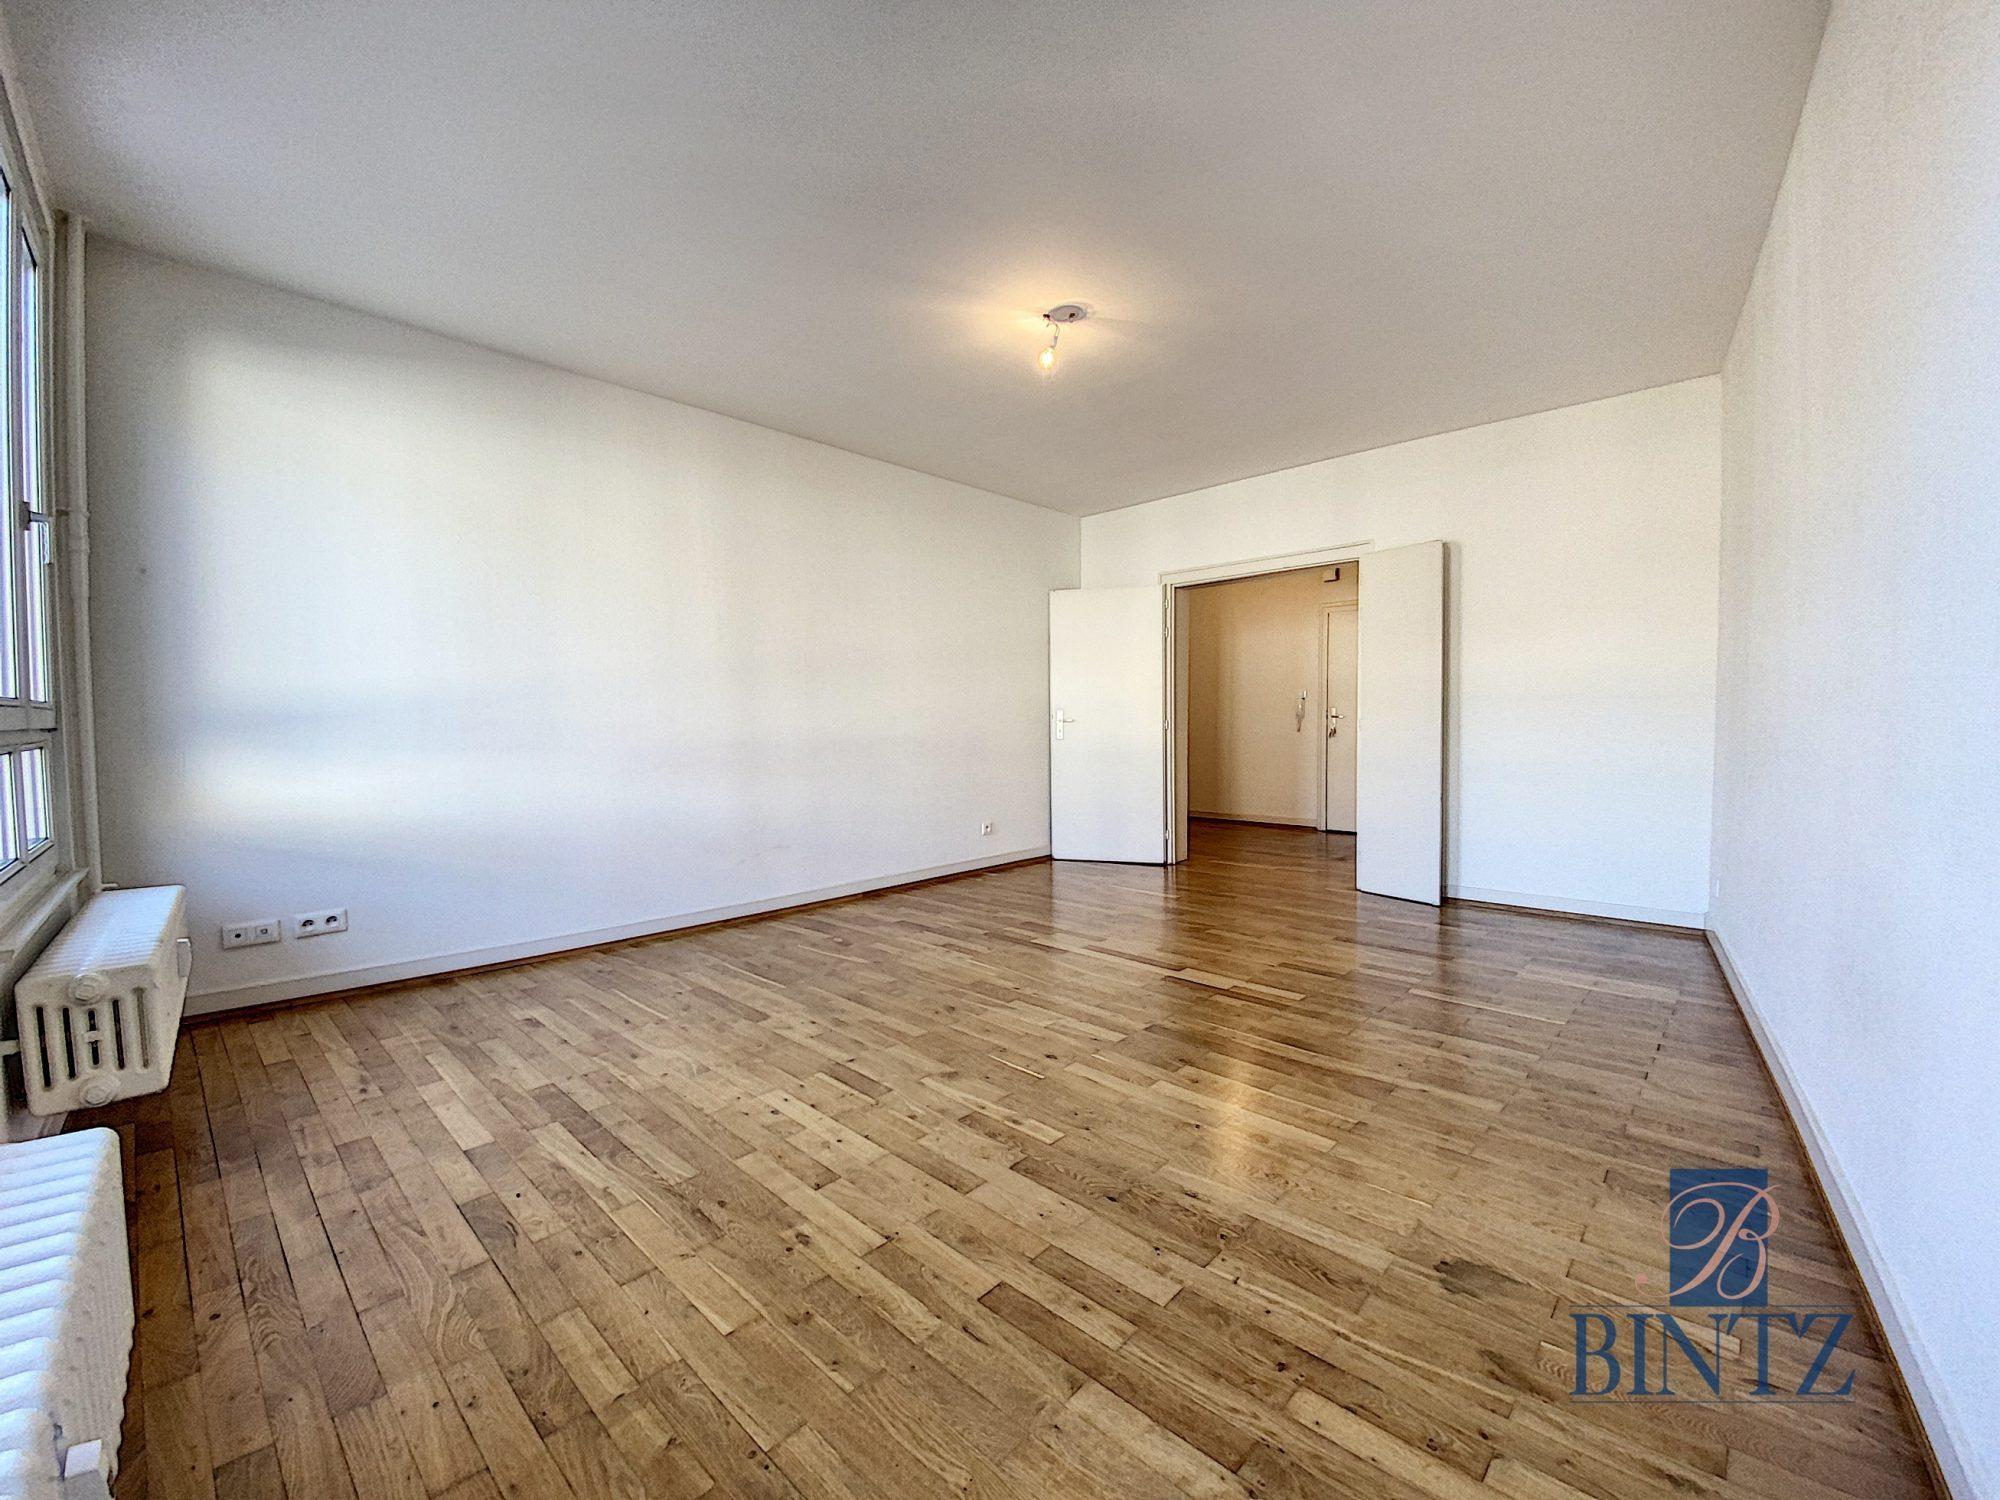 Grand 3 pièces HYPERCENTRE - Devenez locataire en toute sérénité - Bintz Immobilier - 1